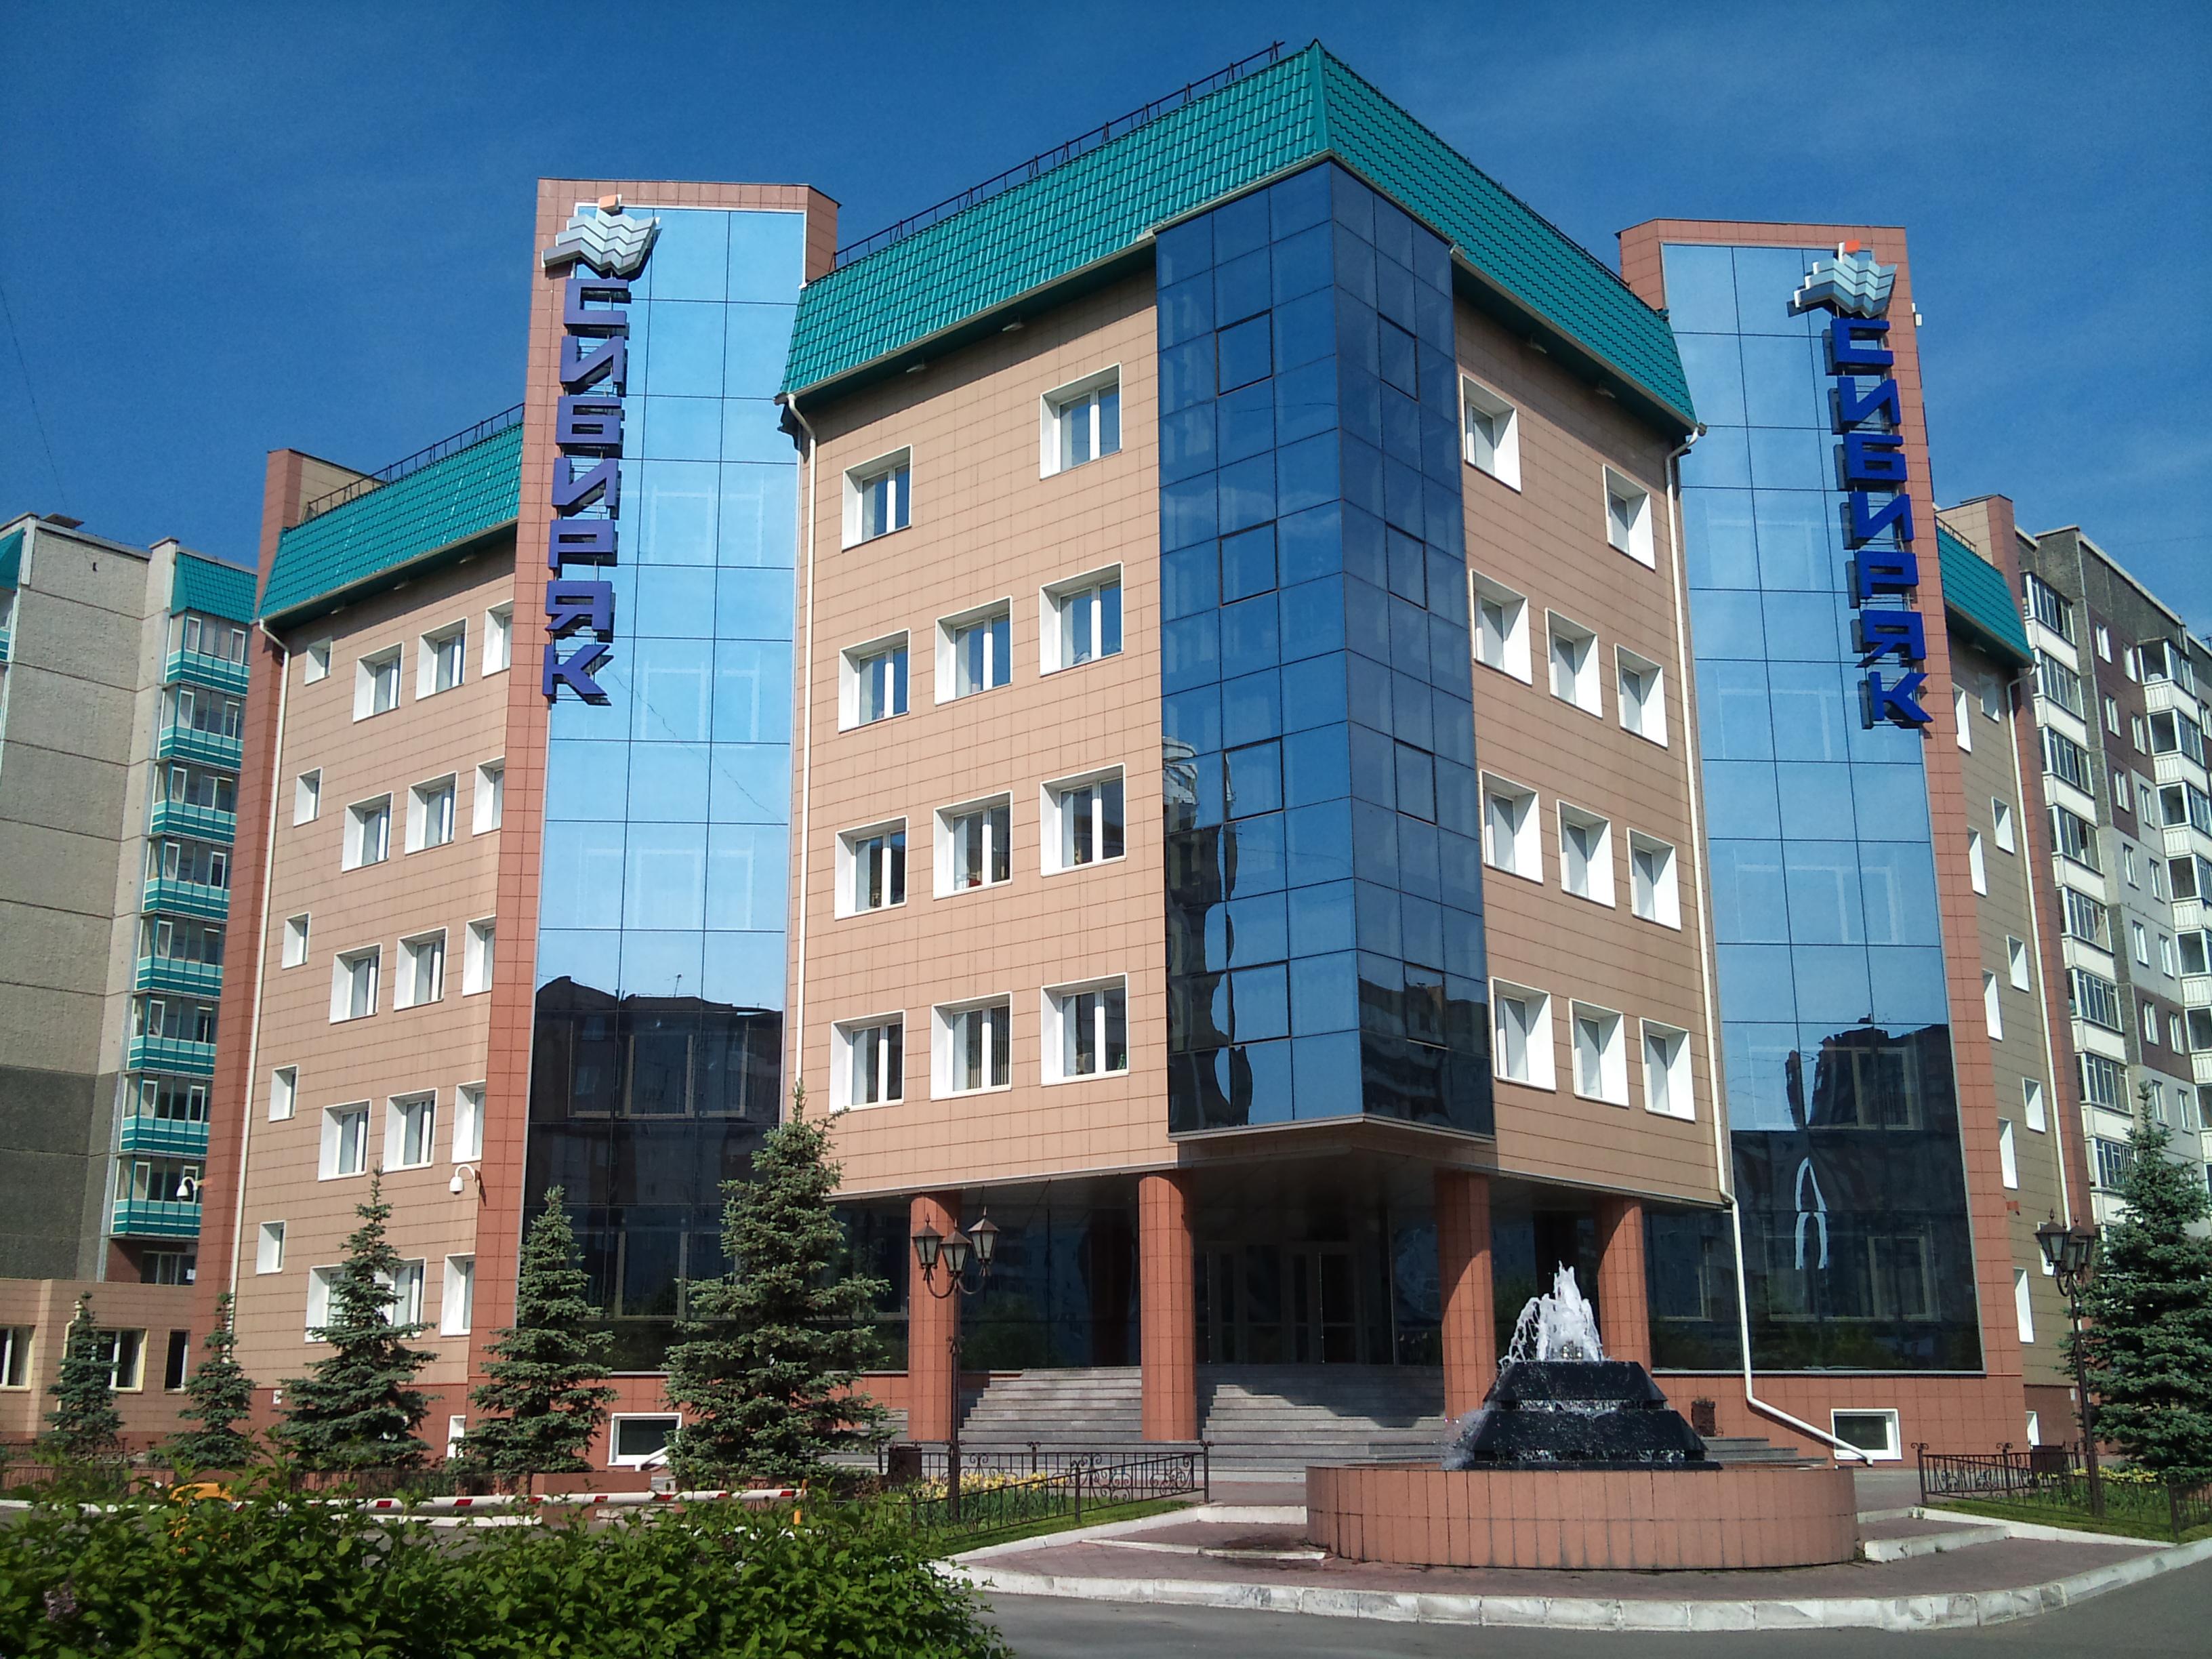 Красноярск Управляющая строительная компания Сибиряк. 10.06.2012 года